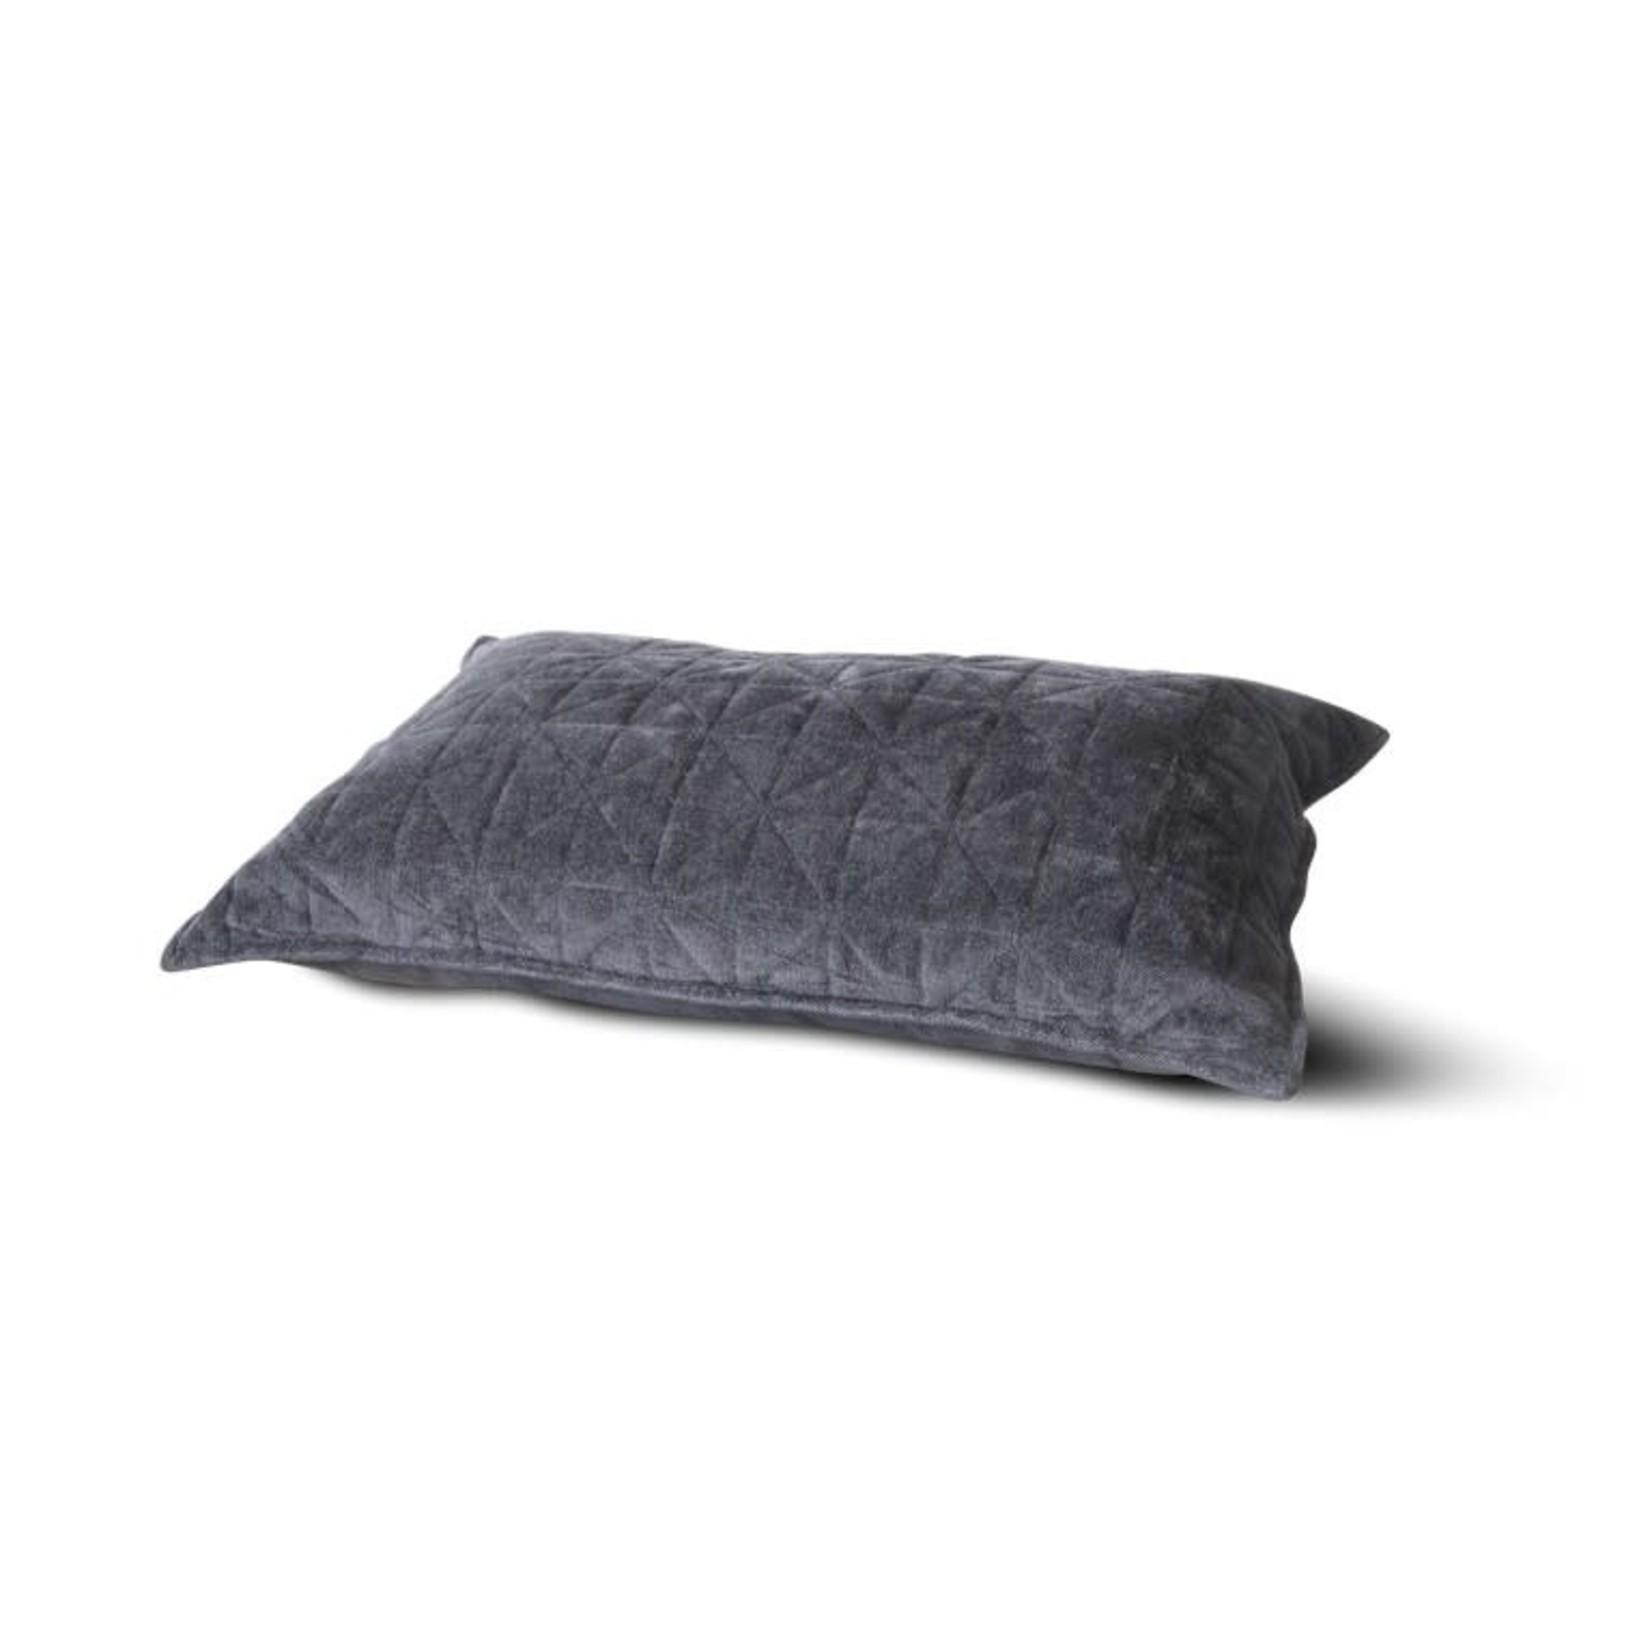 Brynxz Cushion viscose chenille quilted dark grey  40x60cm